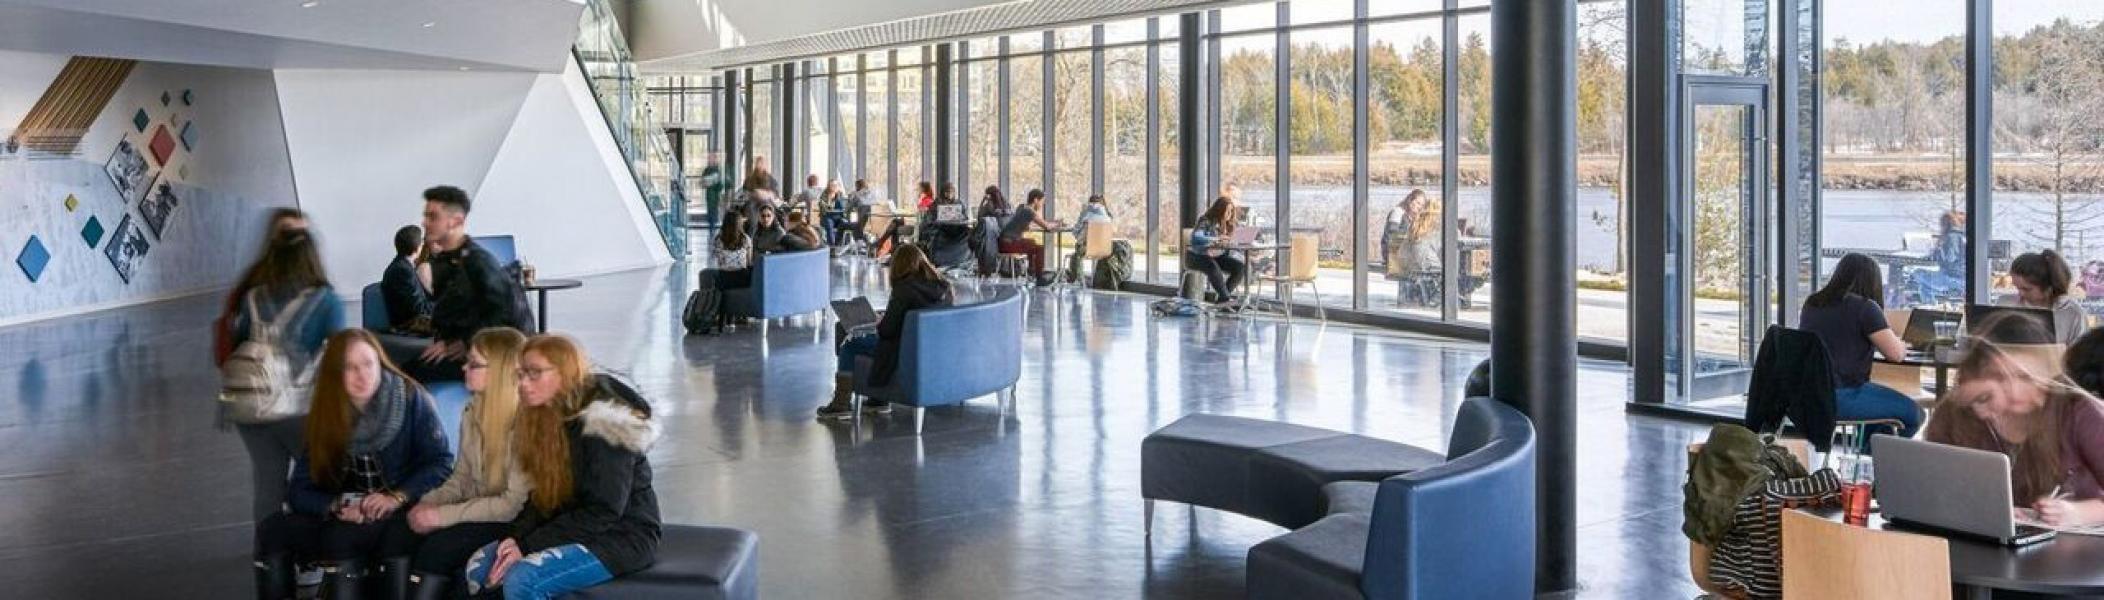 Interior atrium of the student centre